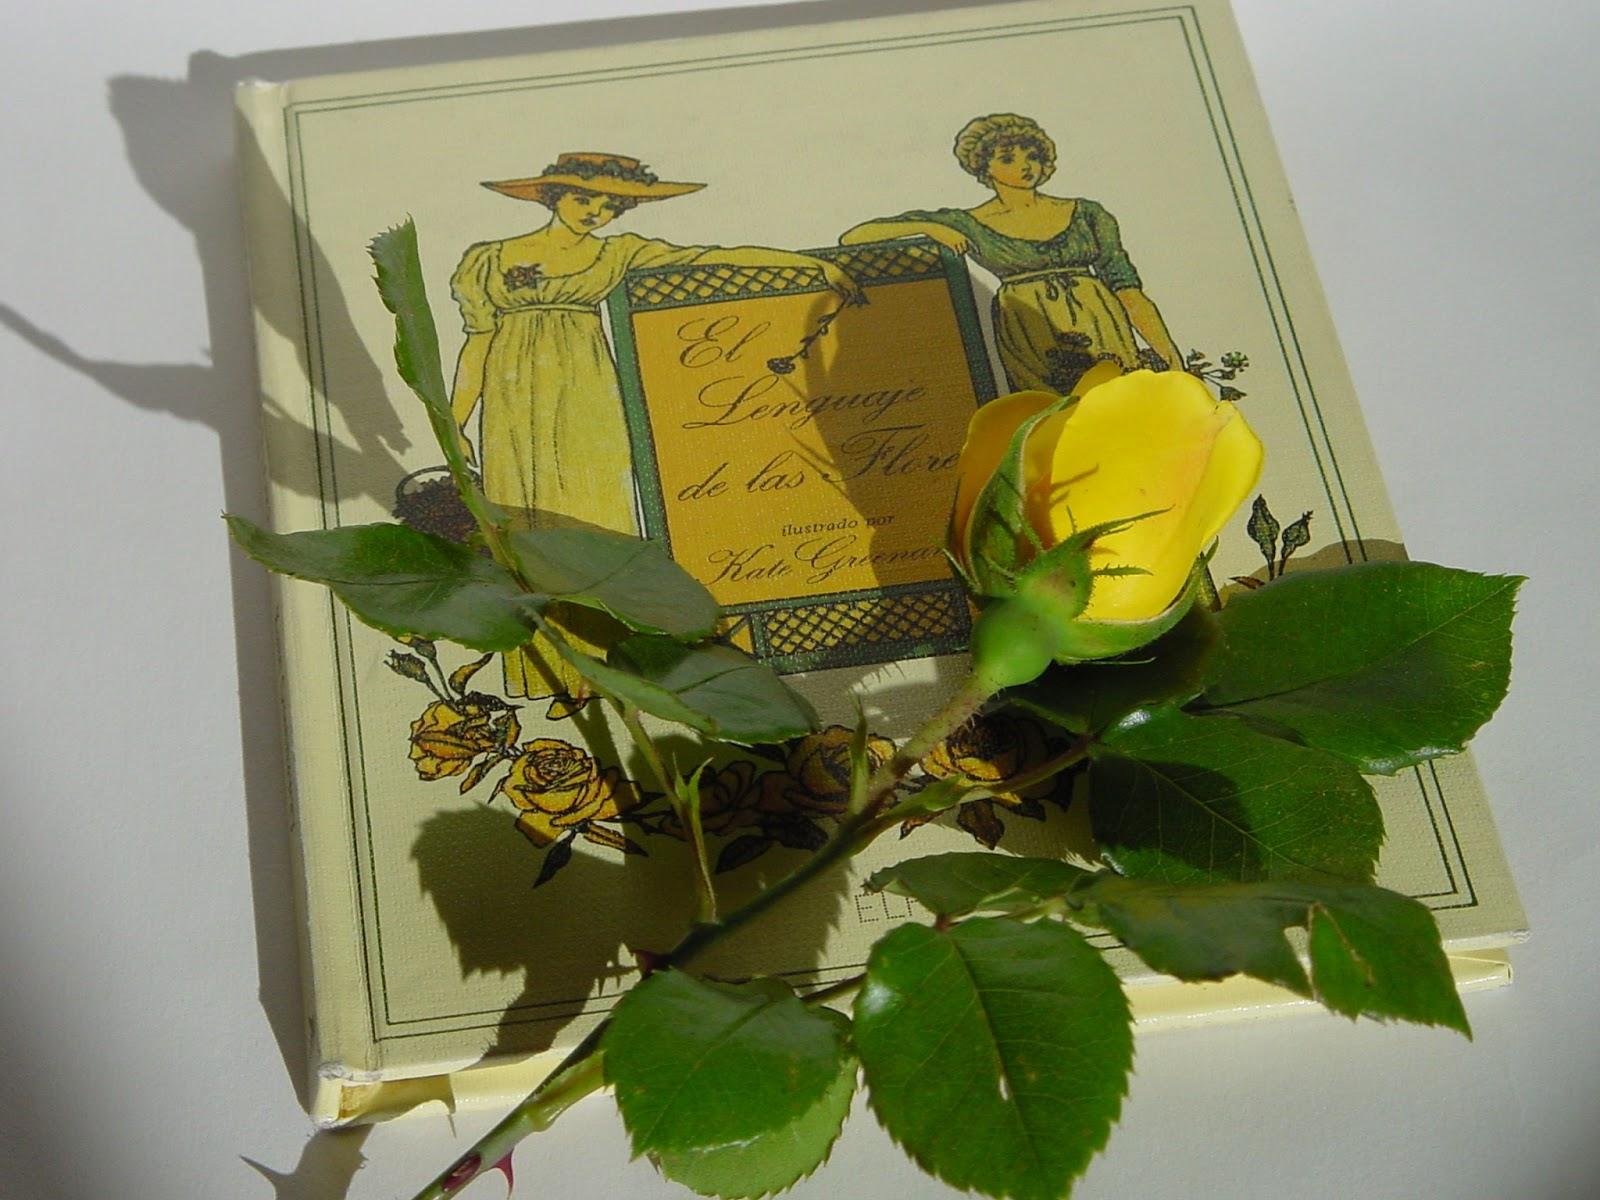 Jardineria eladio nonay feliz d a del libro jardiner a - Jardineria eladio nonay ...